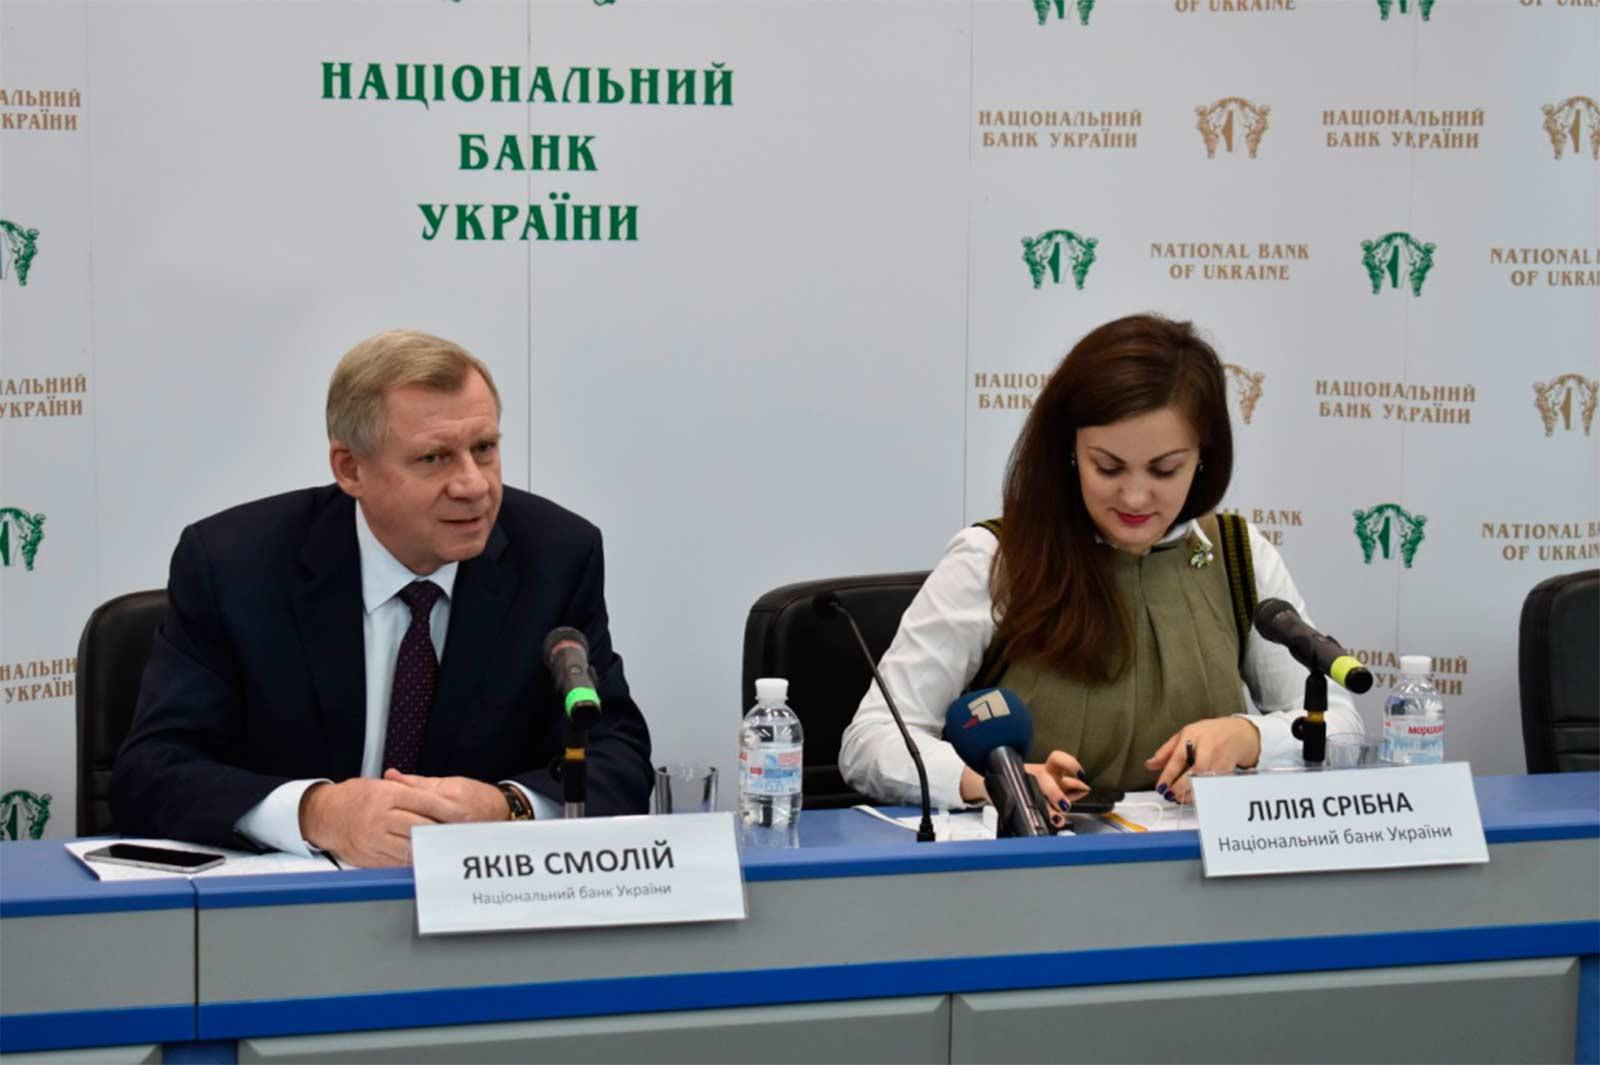 В. о. голови Нацбанку України Яків Смолій